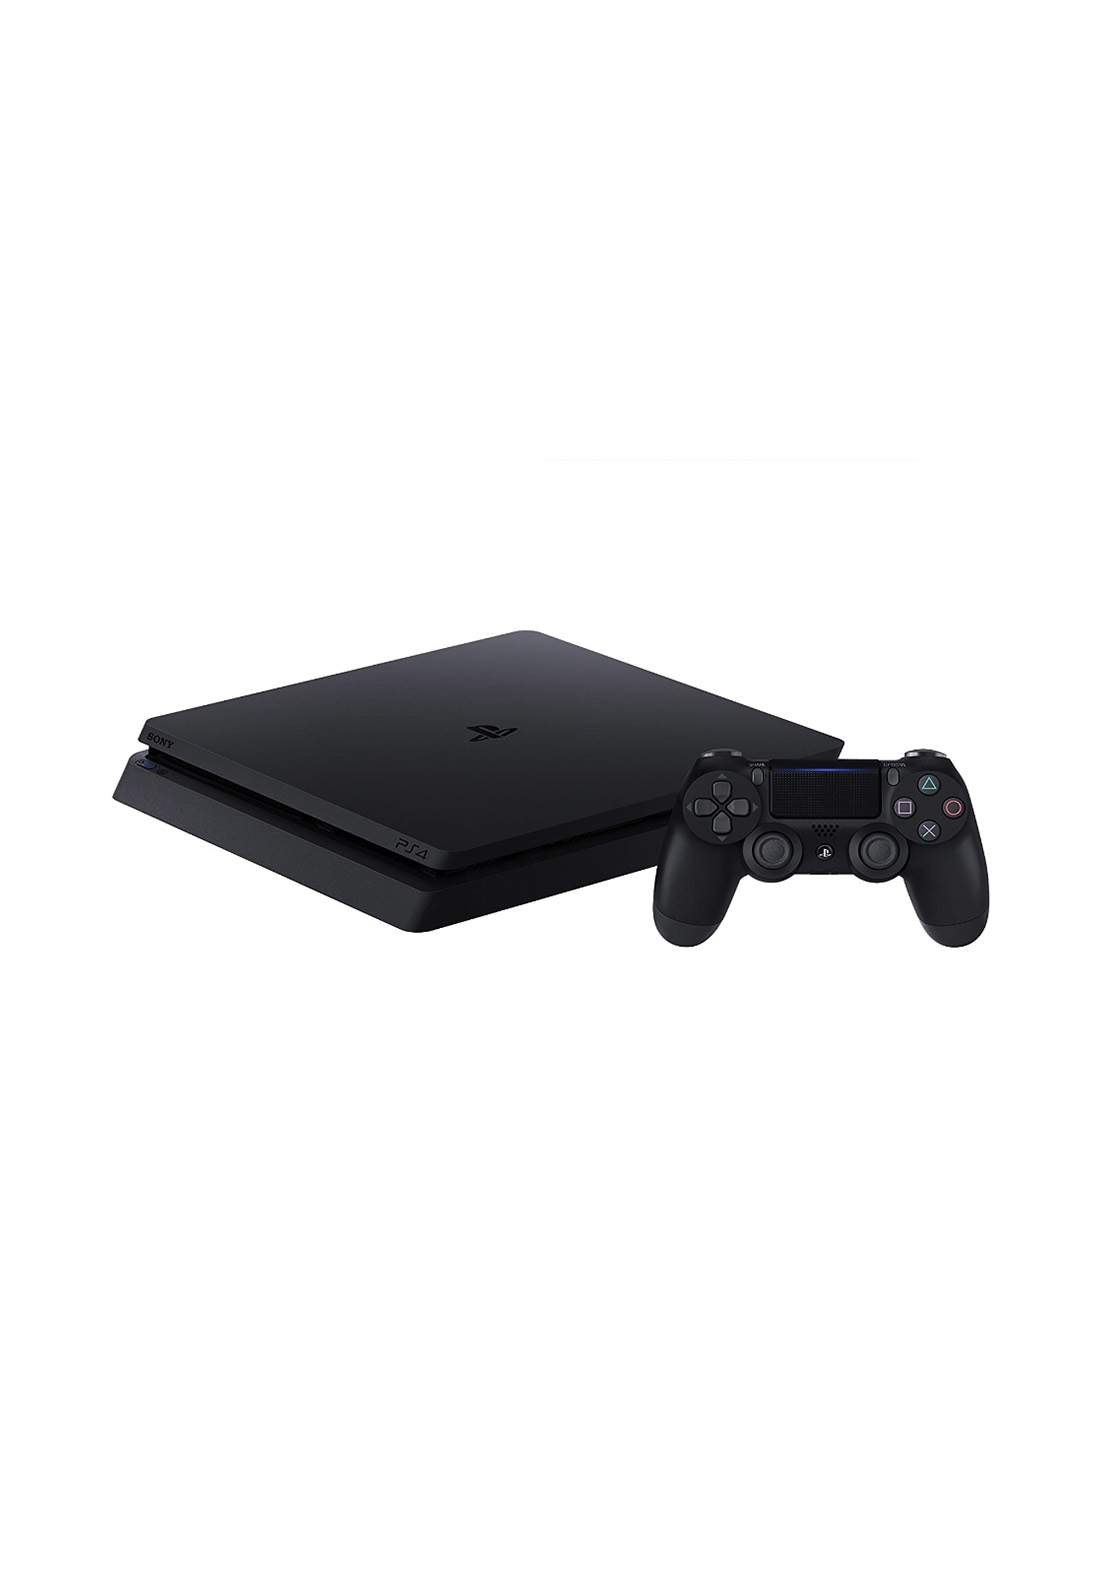 Sony PlayStation 4 500GB Console - Black